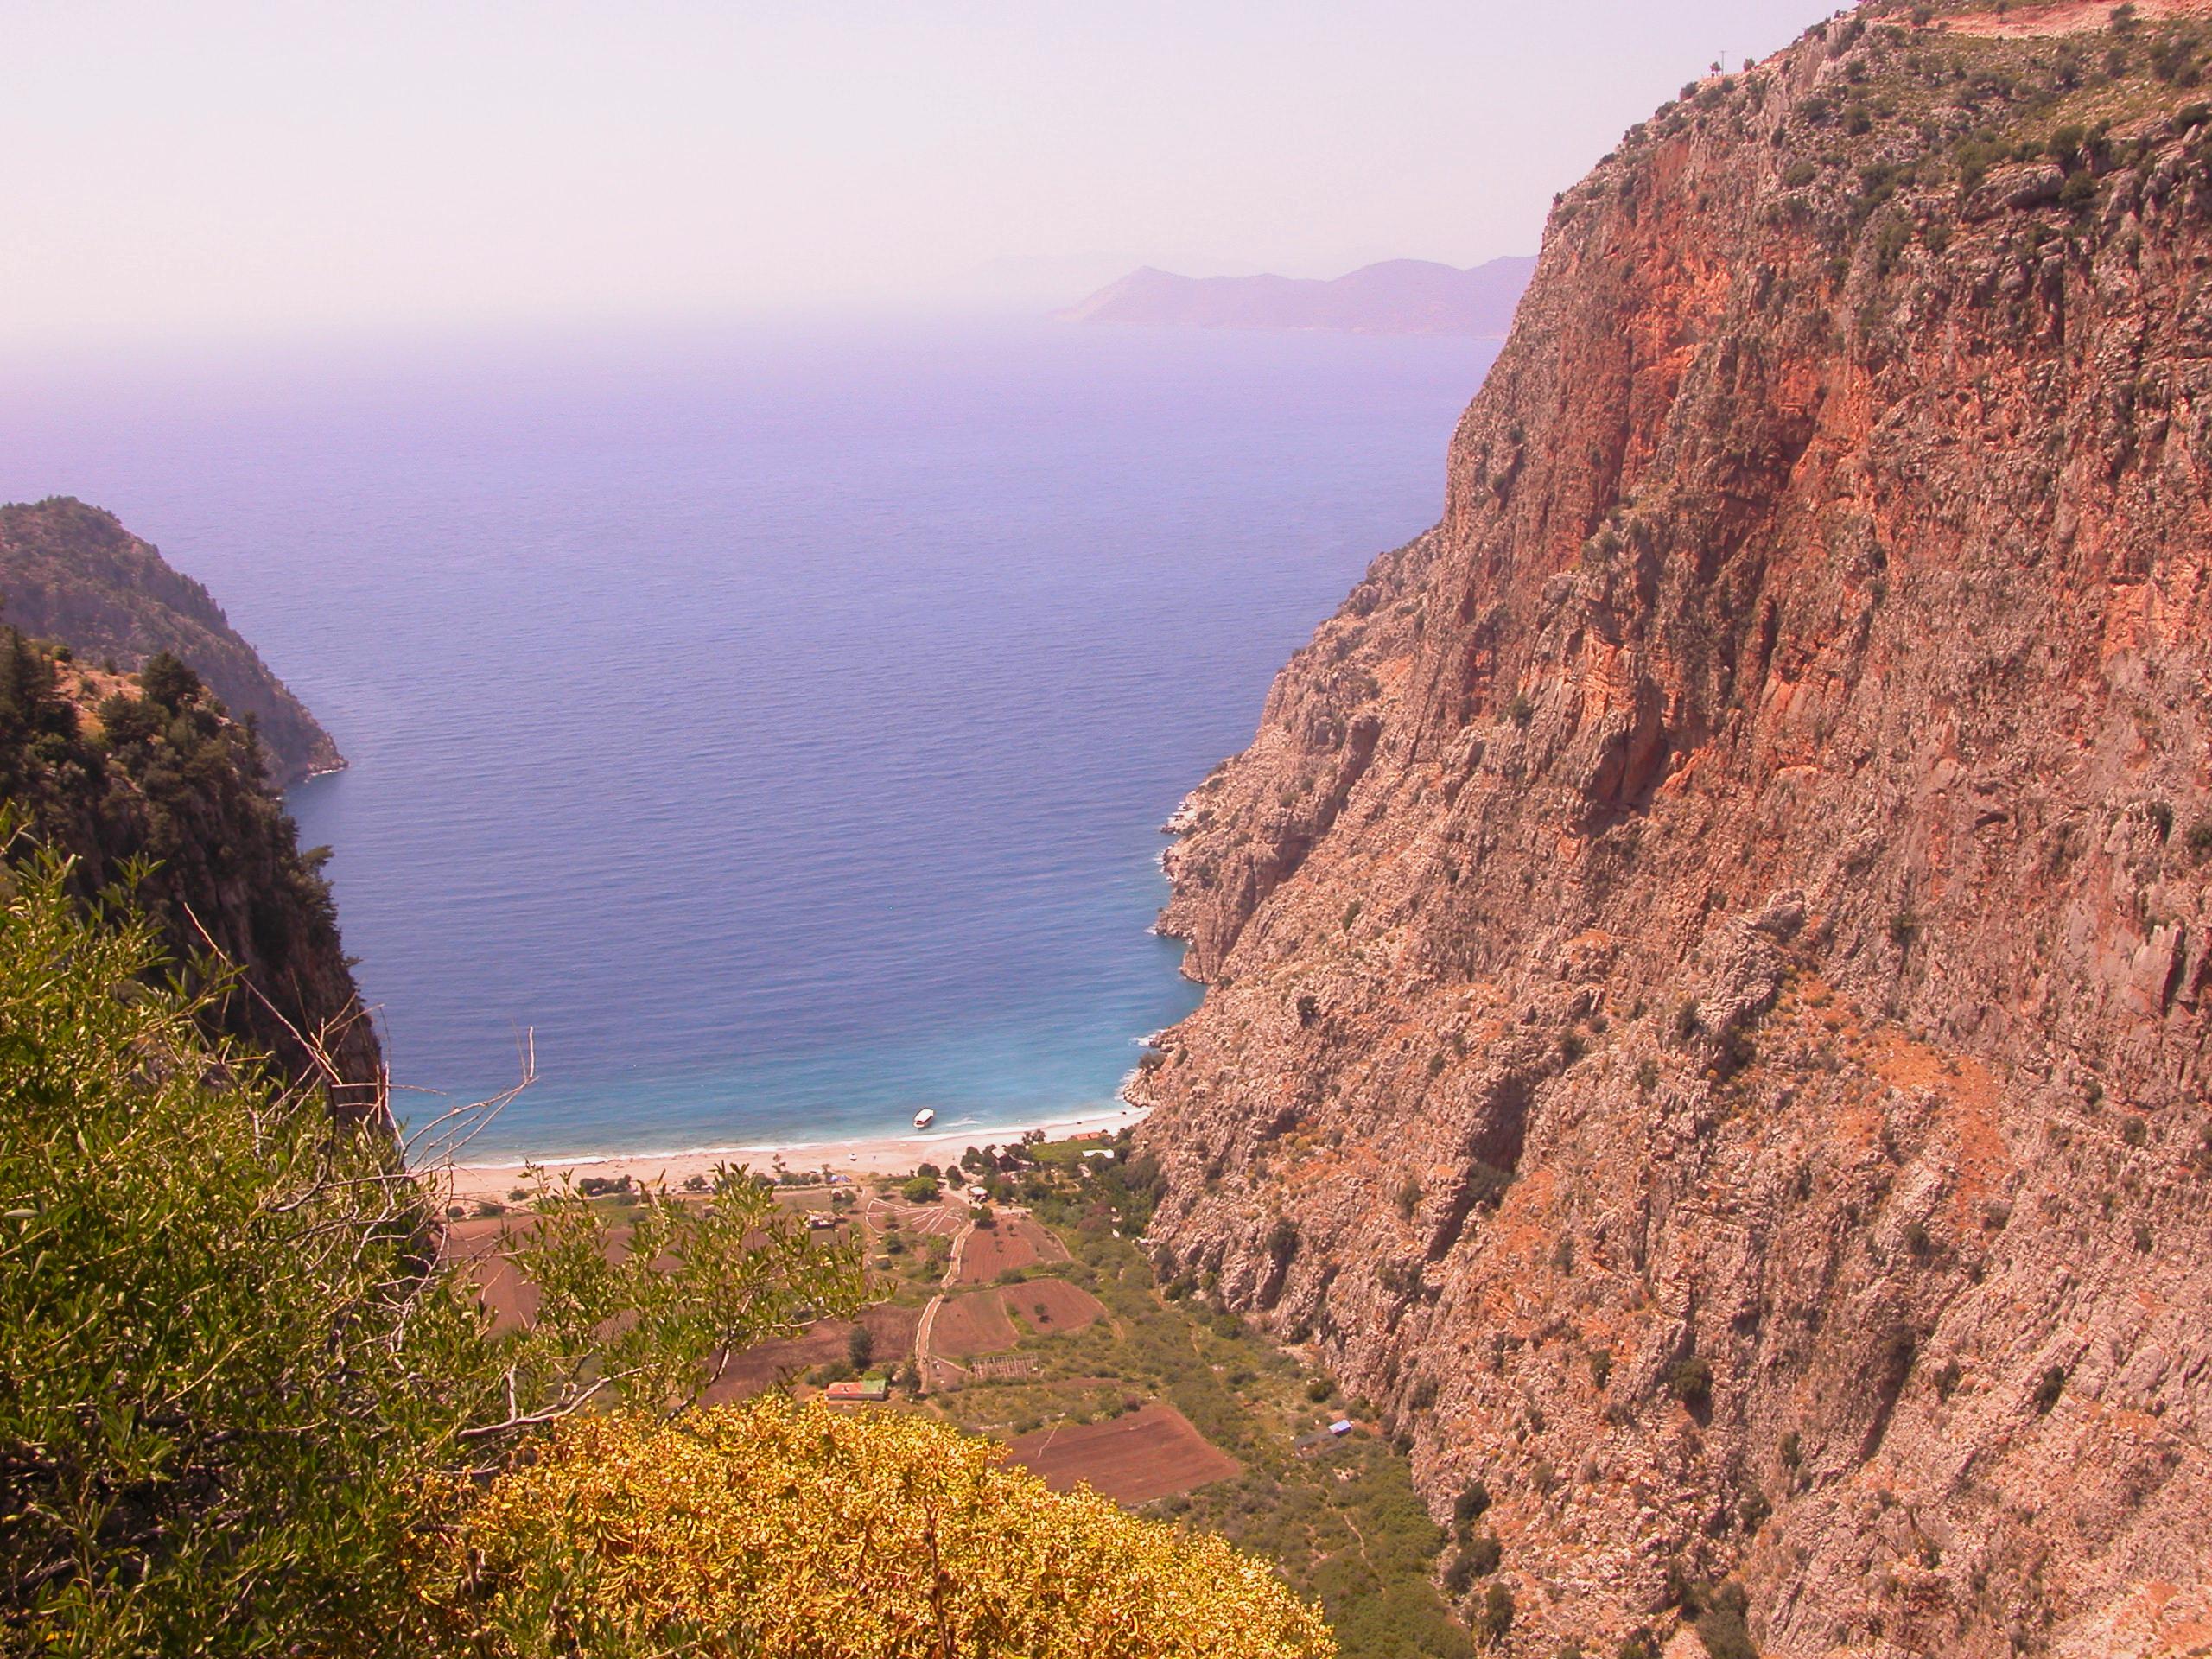 Appartement de vacances Luxurise Unterkunft und persnliches Ambiente in unzerstrter Natur (2124814), Fethiye, , Région Egéenne, Turquie, image 24